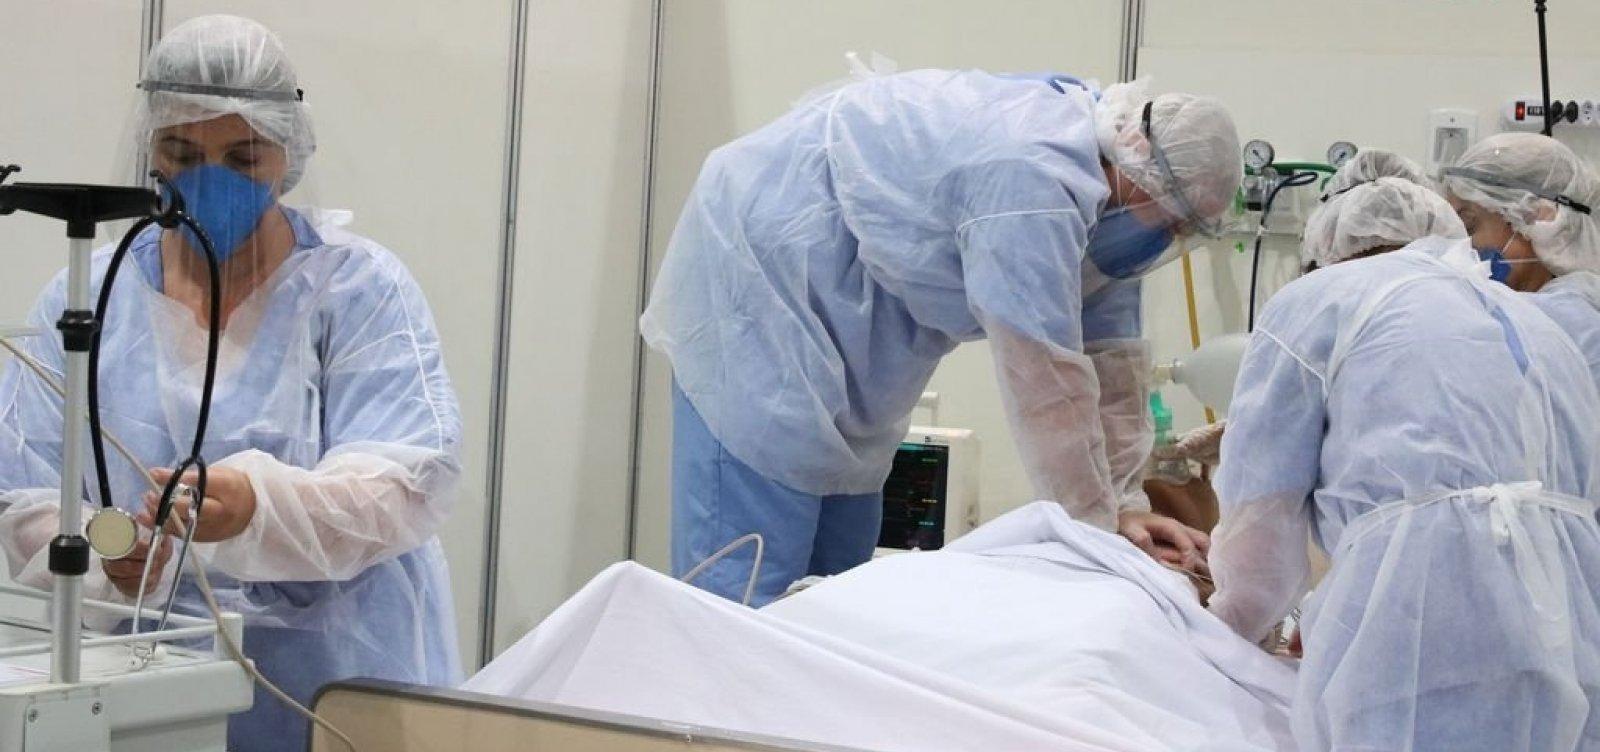 [Pacientes vão para fila de transplante de fígado após uso de 'kit covid']